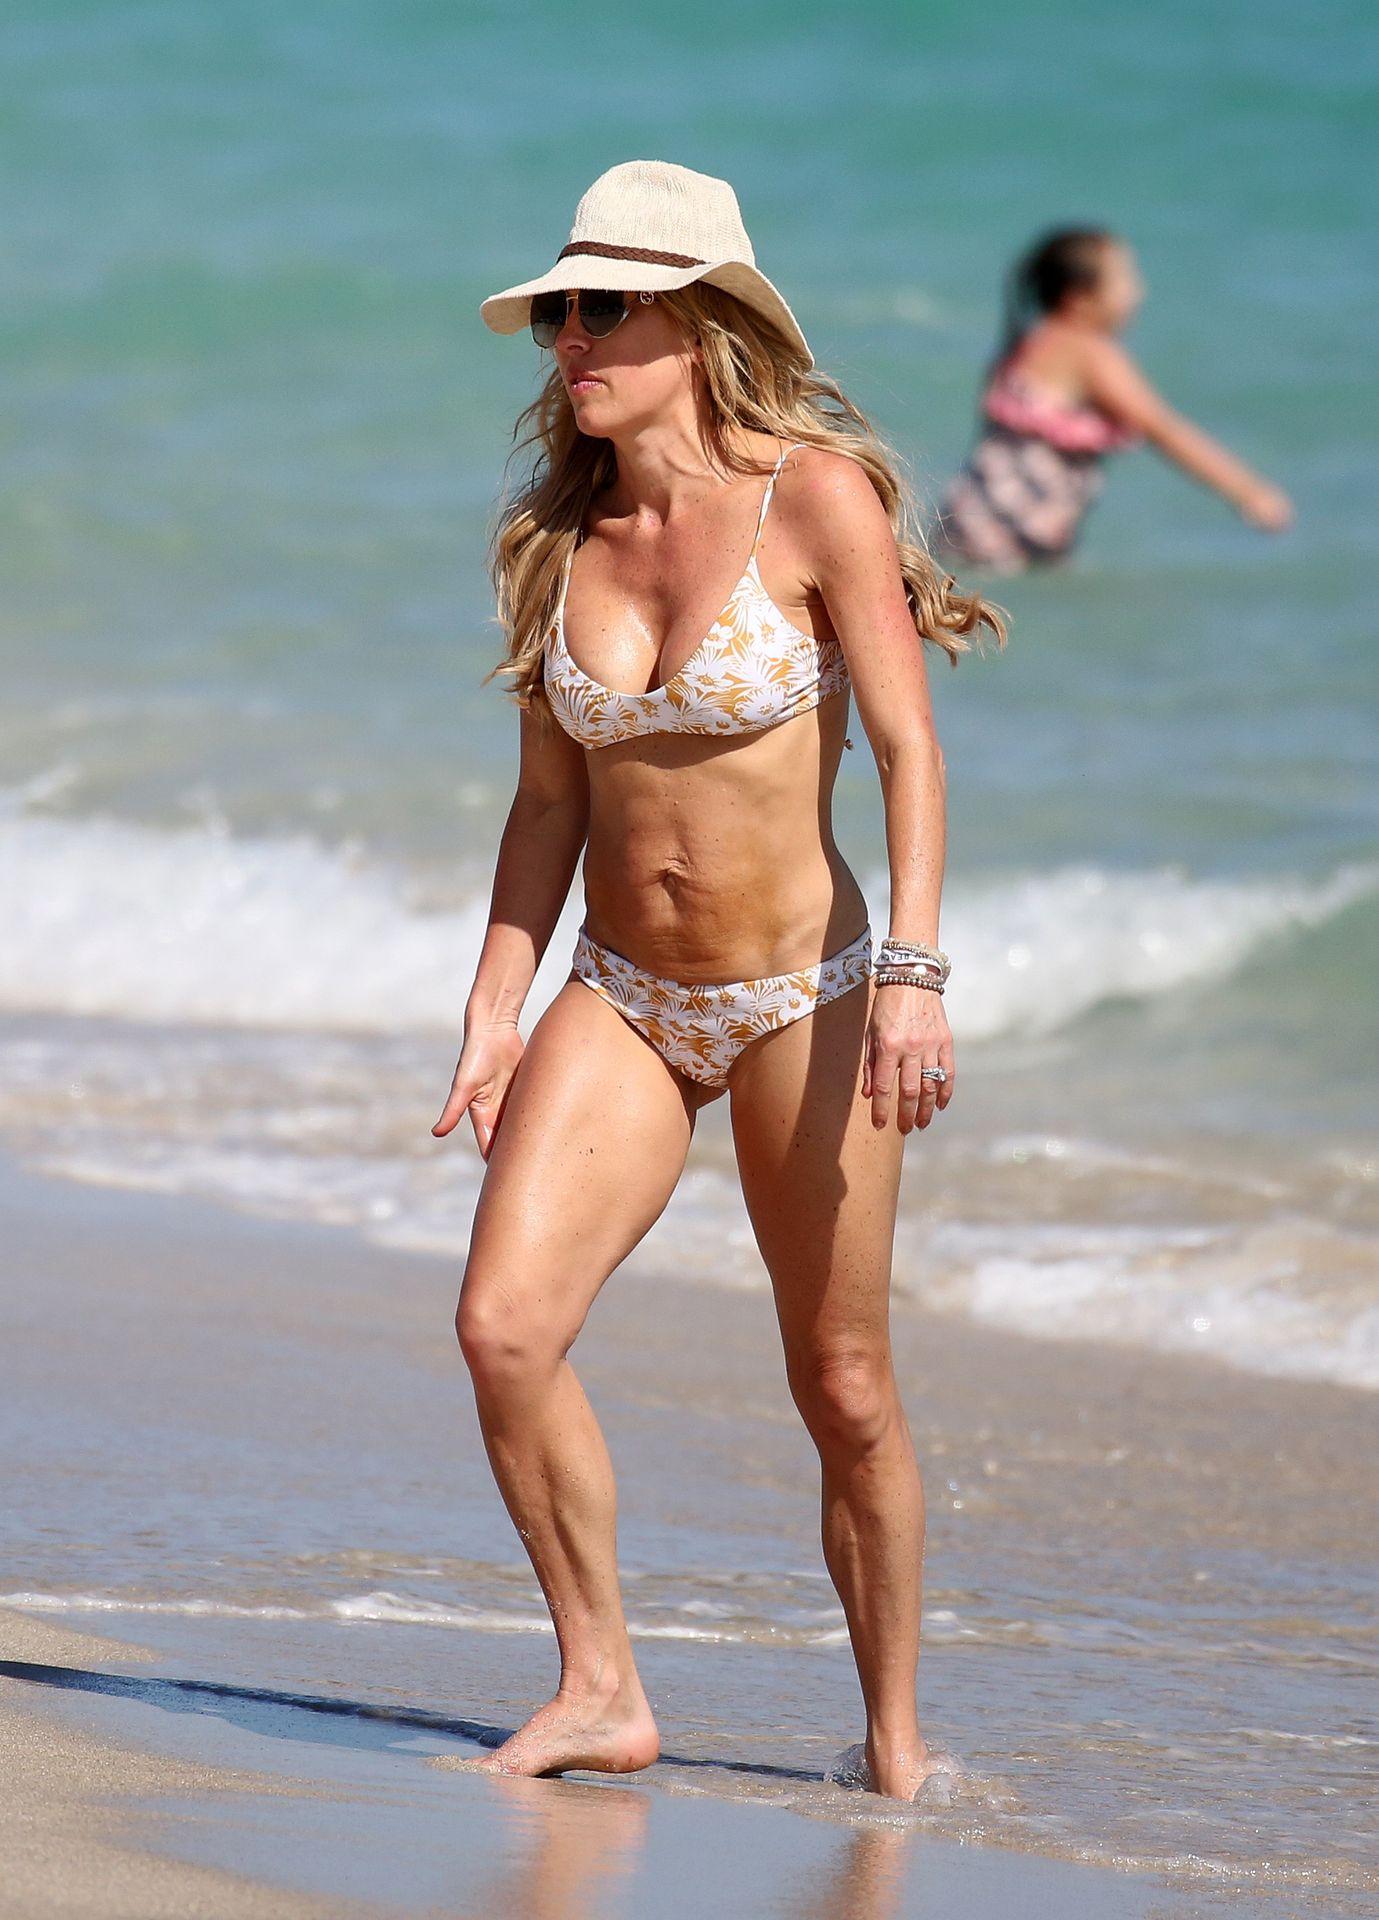 Braunwyn Windham Burke Wears A Bikini On The Beach In Miami 0004